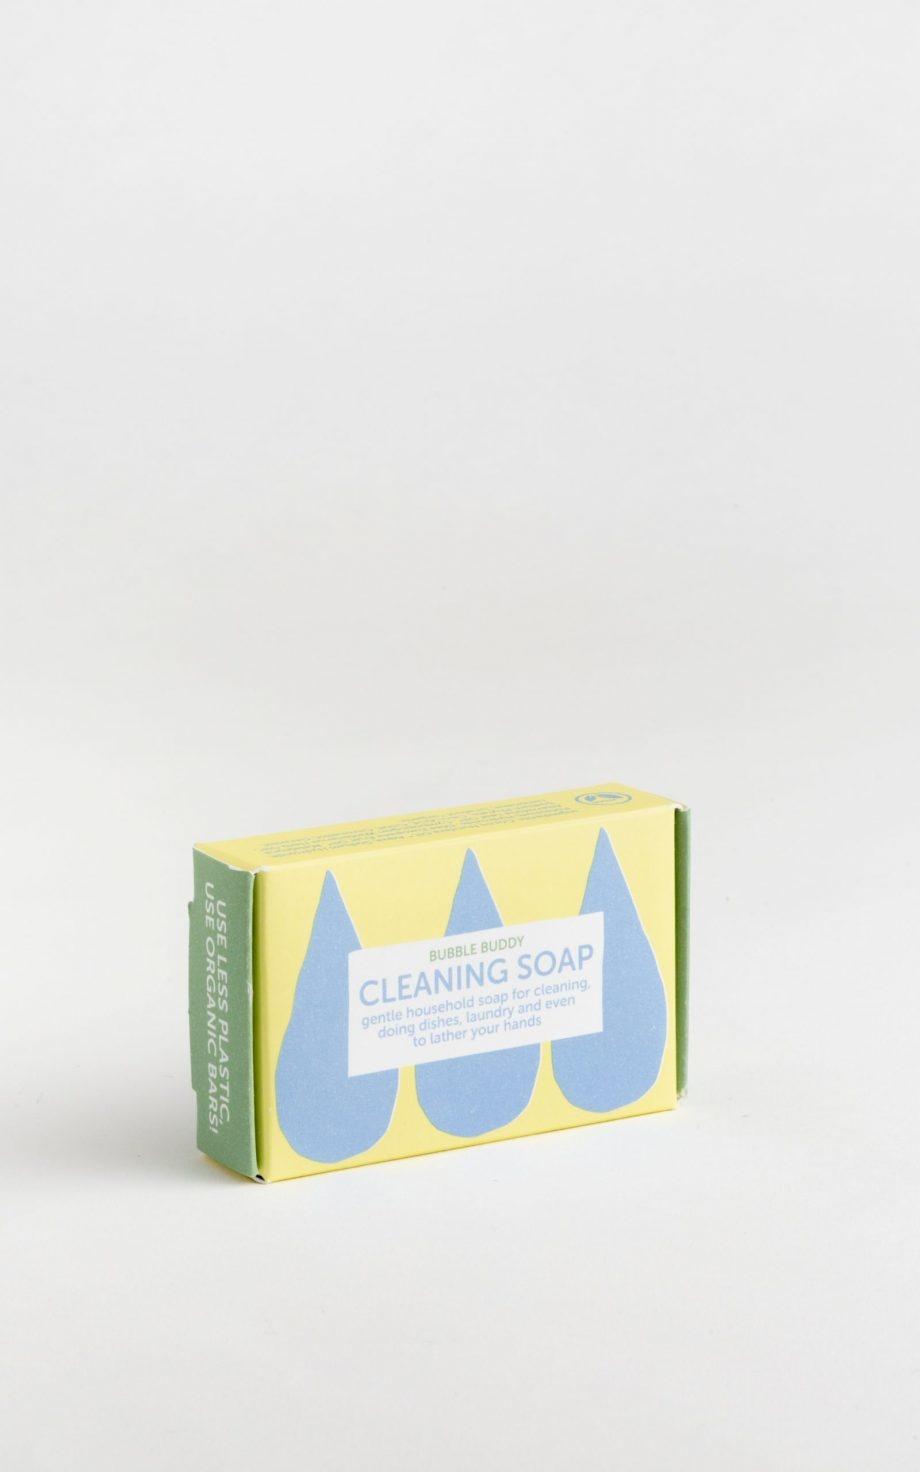 Bubble Buddy organic cleaning soap - Foekje Fleur-1